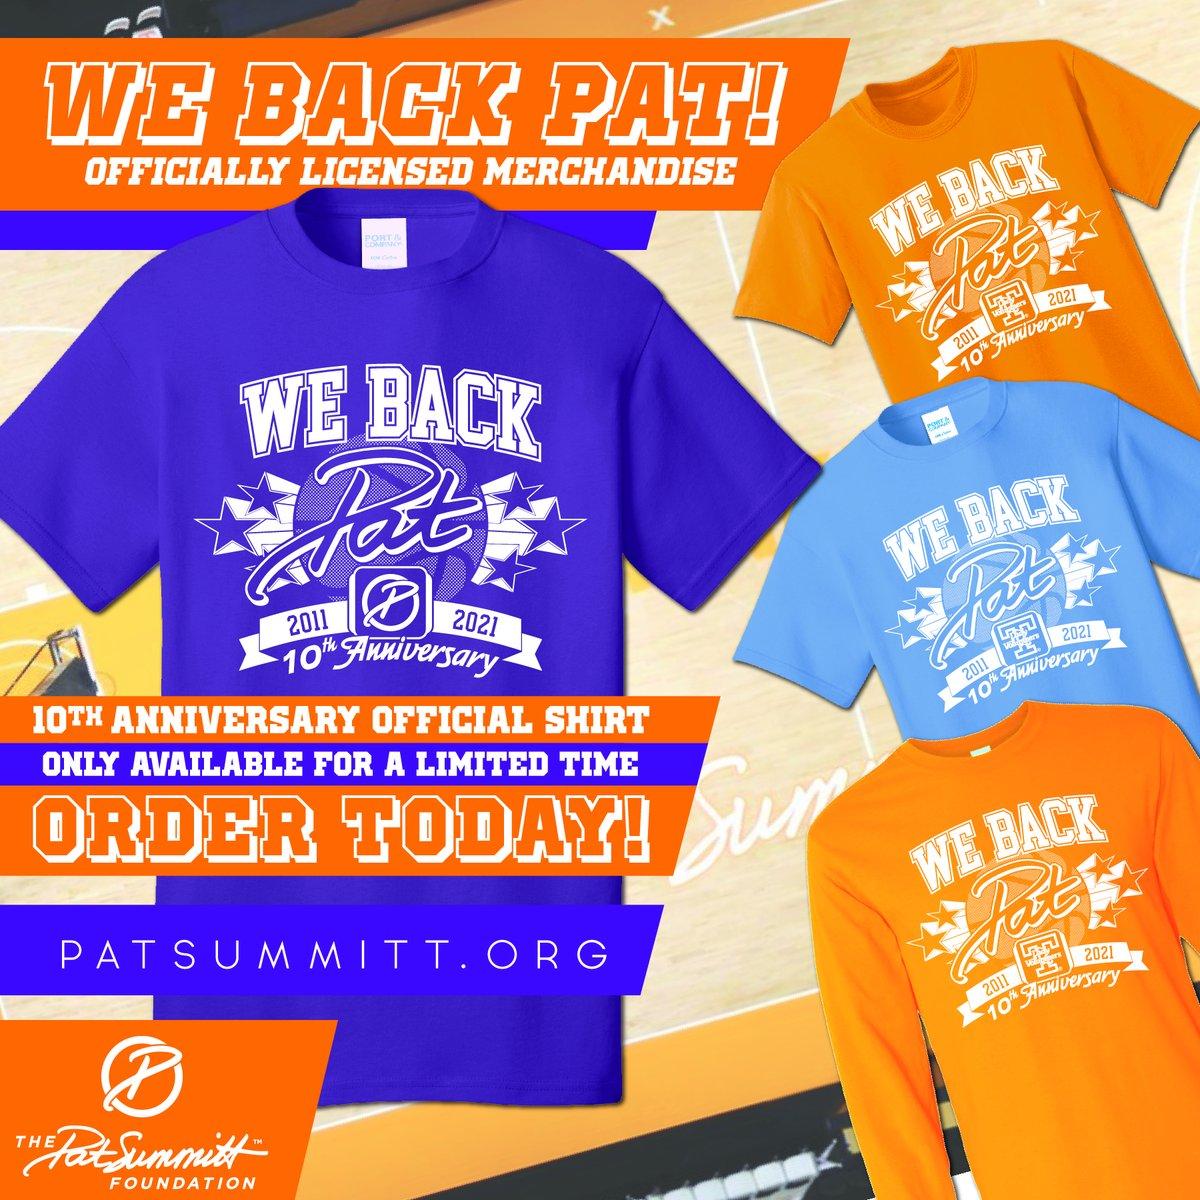 We Back Pat Week kicks off tomorrow. Order your 10th Anniversary We Back Pat shirt today:   #webackpat #10thanniversary #PatSummitt